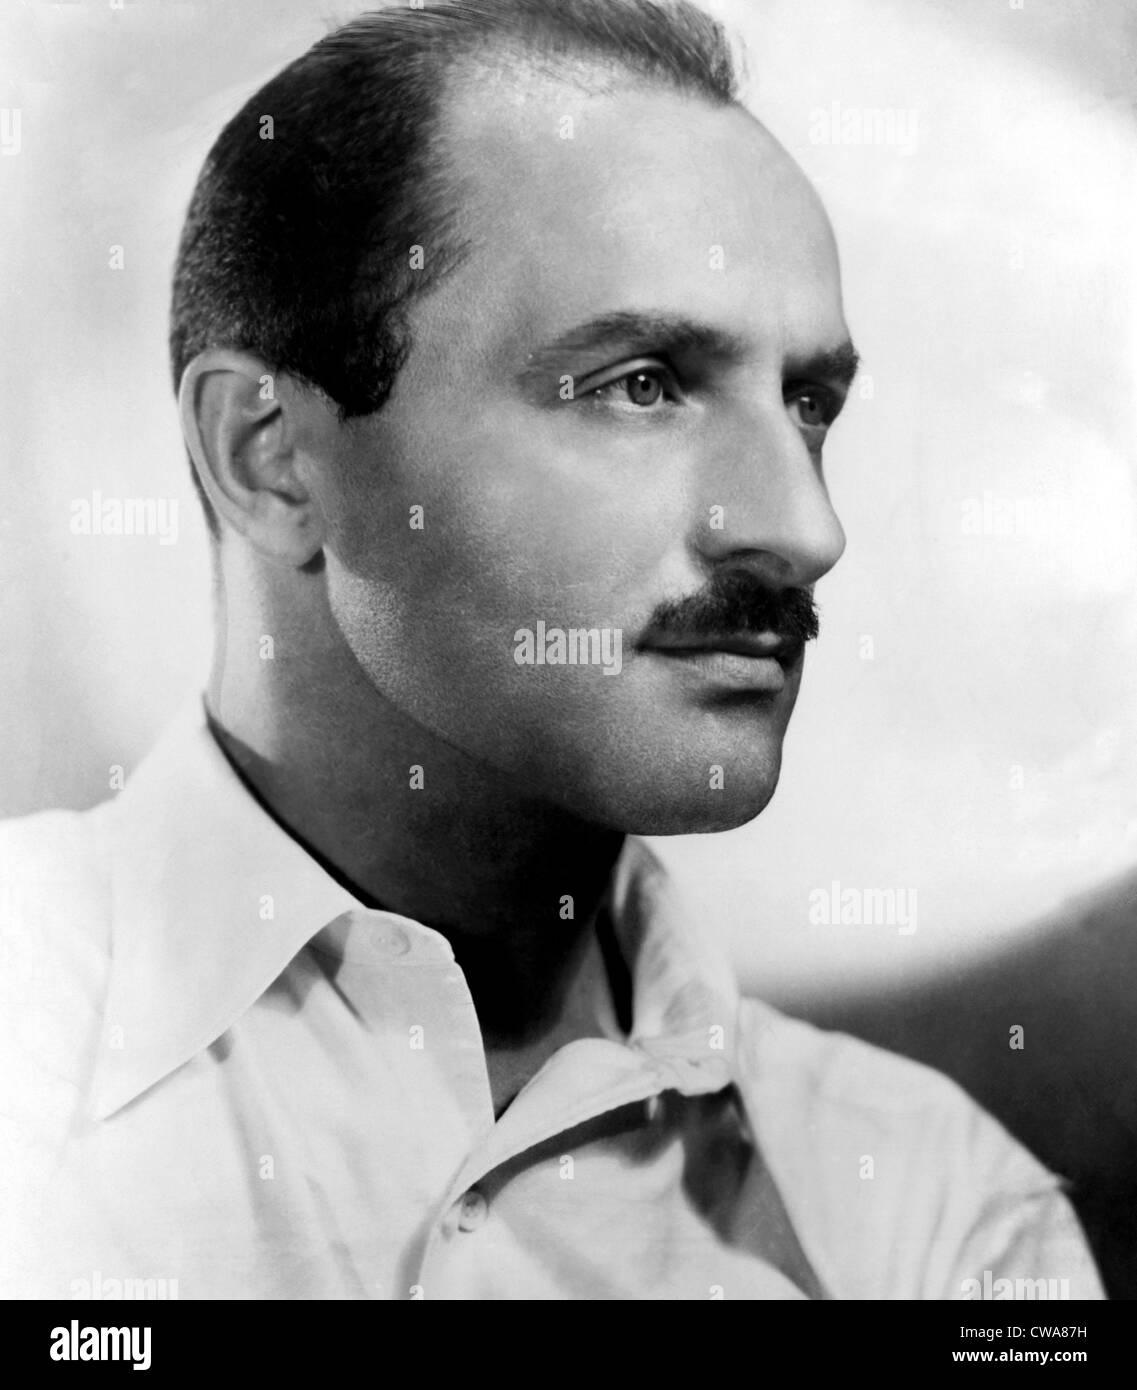 Il compositore Marc Blitzstein, 1947. La cortesia: Archivi CSU/Everett Collection Immagini Stock